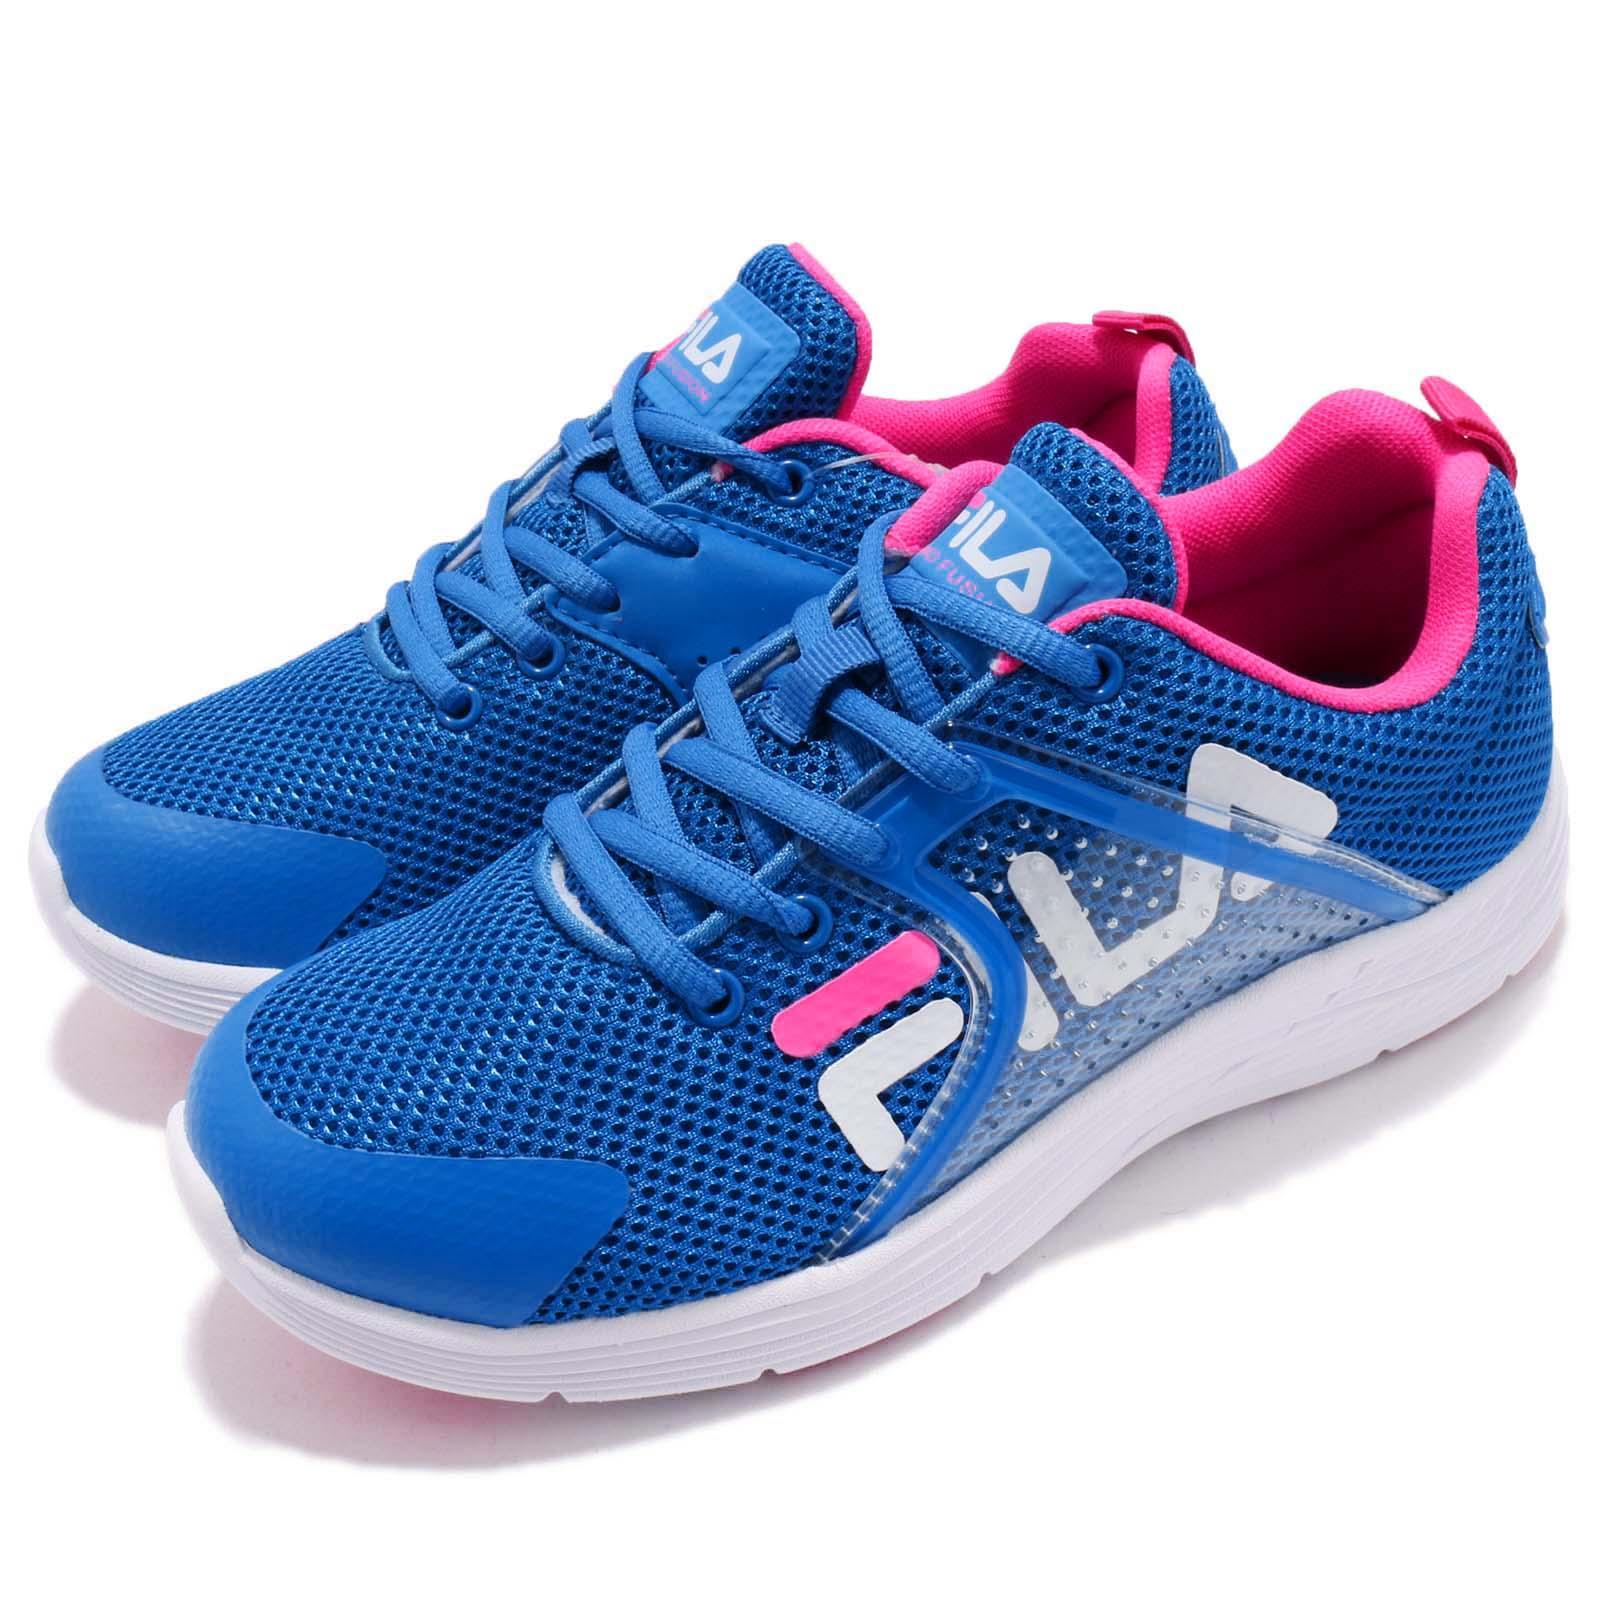 Fila 慢跑鞋 J026S 運動 女鞋 5J026S311